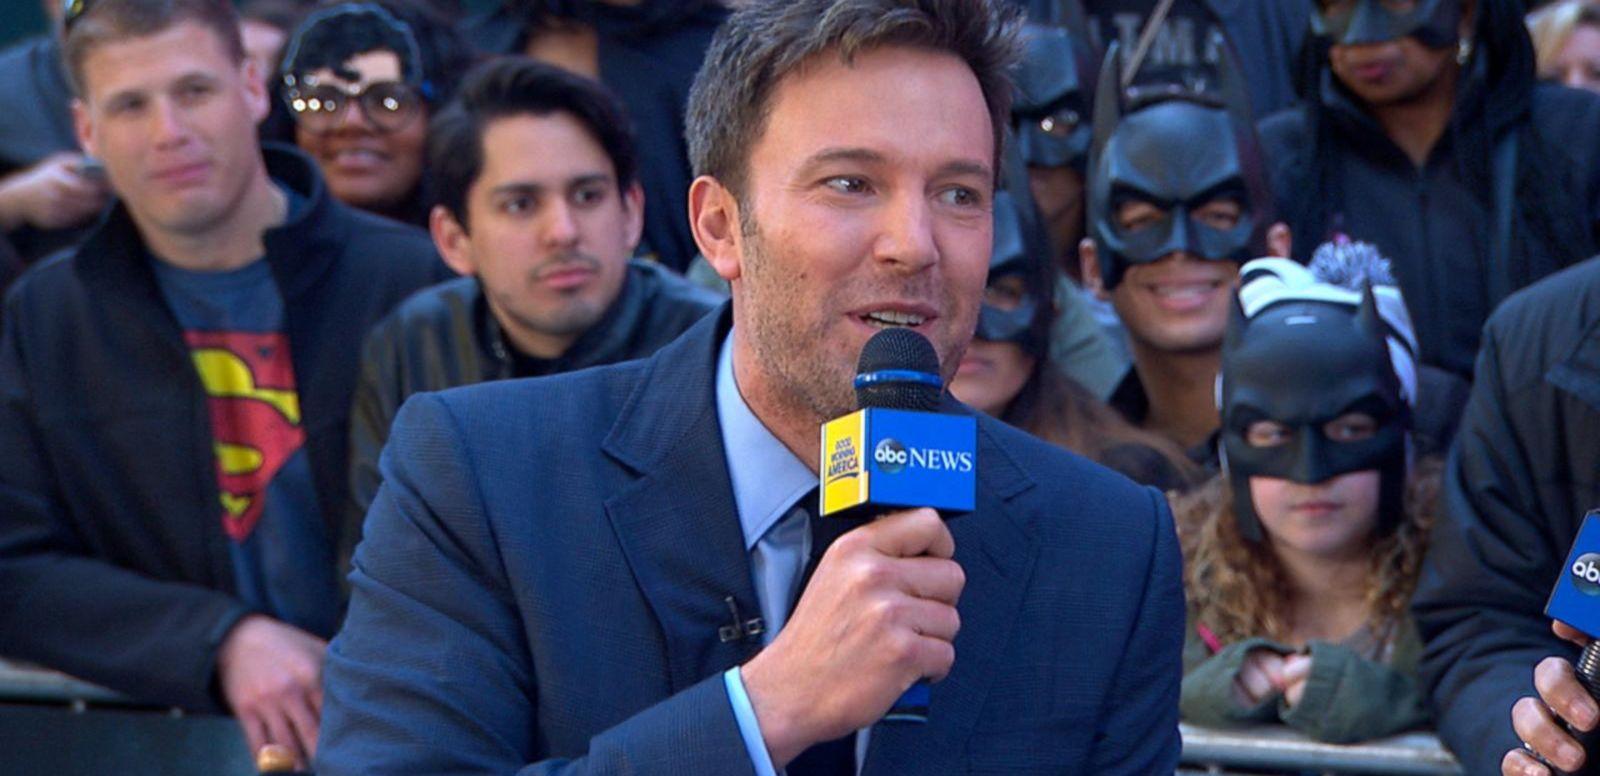 VIDEO: Batman v Superman Star Ben Affleck Gets Personal